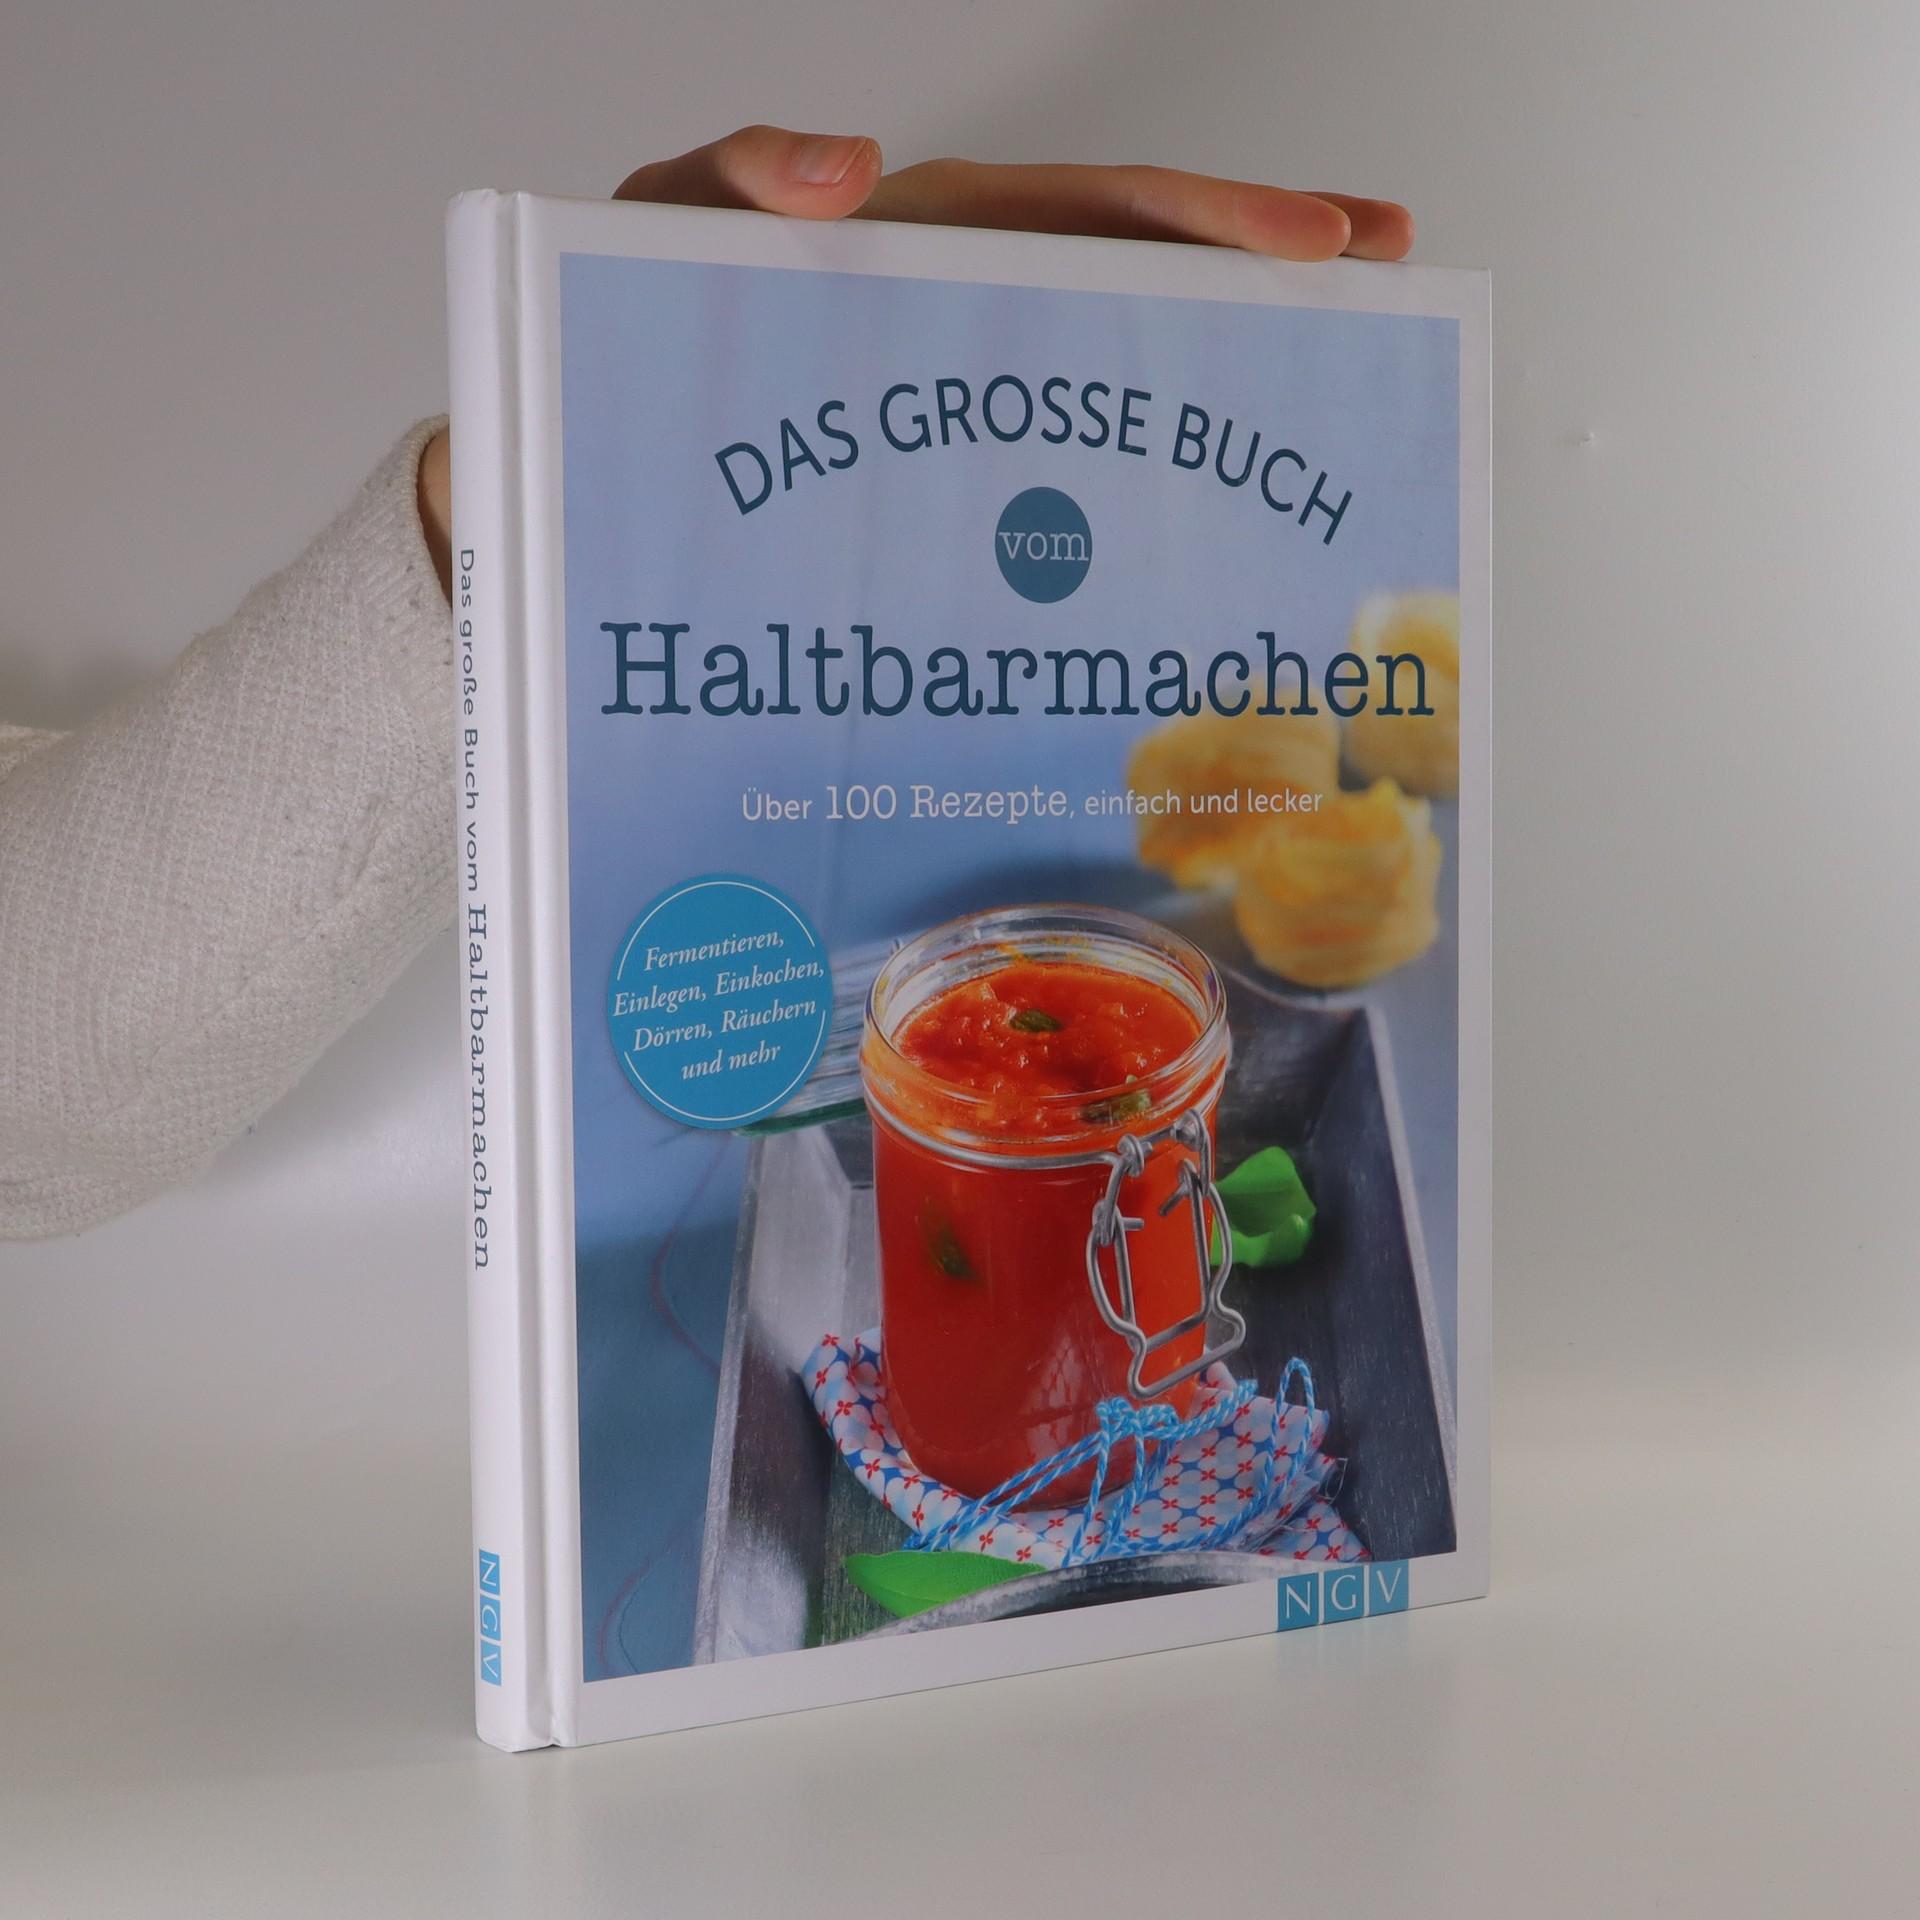 antikvární kniha Das große Buch vom Haltbarmachen, neuveden